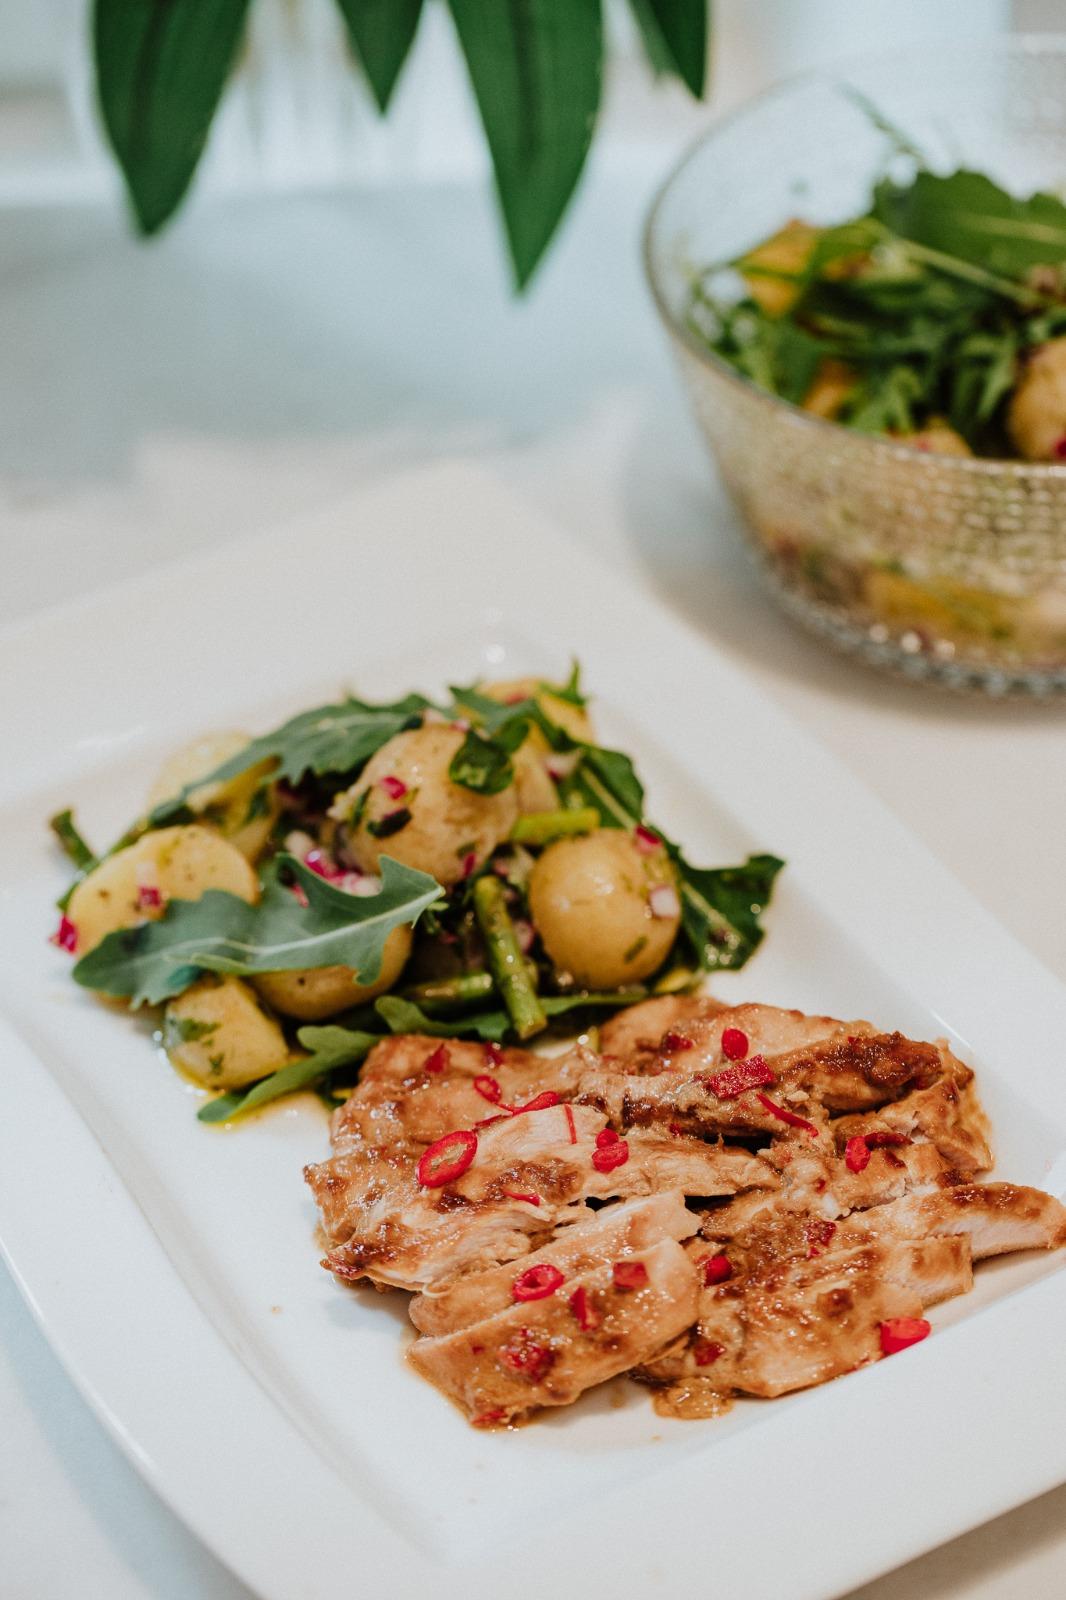 Kesäinen perunasalaatti sopii loistavasti lisukkeeksi kesän juhliin tai vaikkapa ihan arkiruuaksi. Tarjoile salaatti kookoskanan kanssa, joka valmistuu nopeasti pannulla tai grillissä.